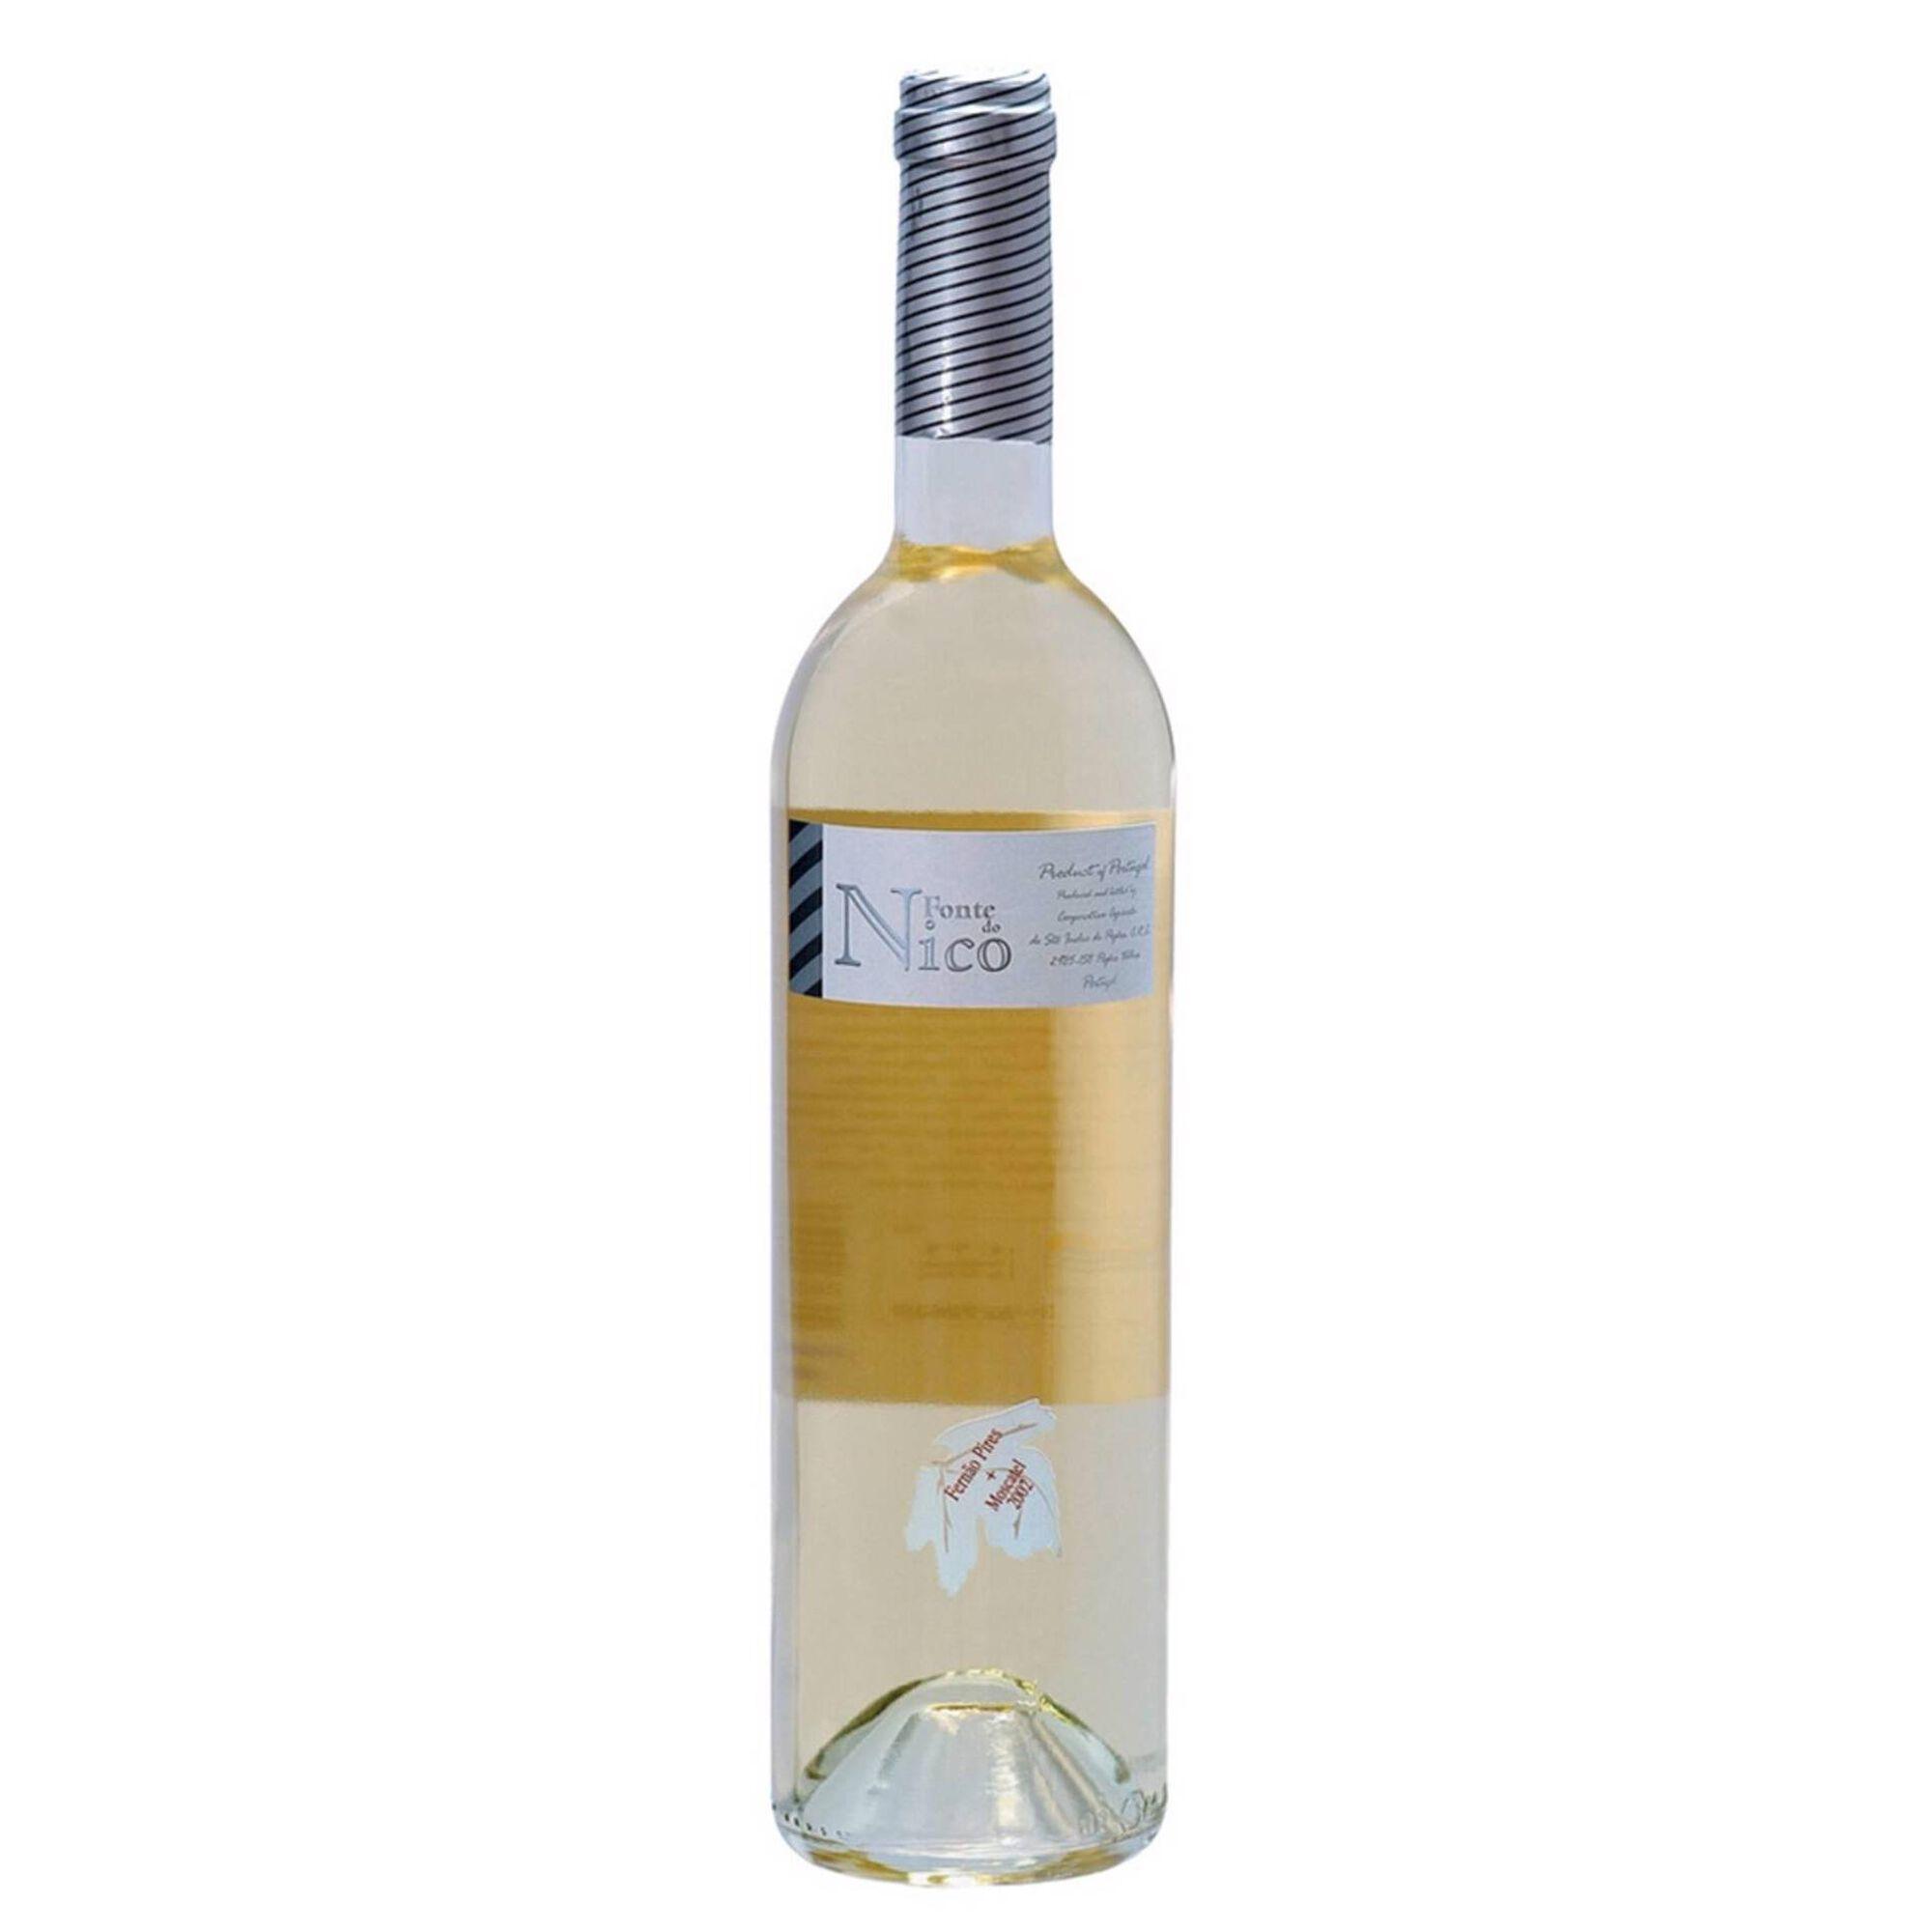 Fonte do Nico Regional Península de Setúbal Vinho Branco